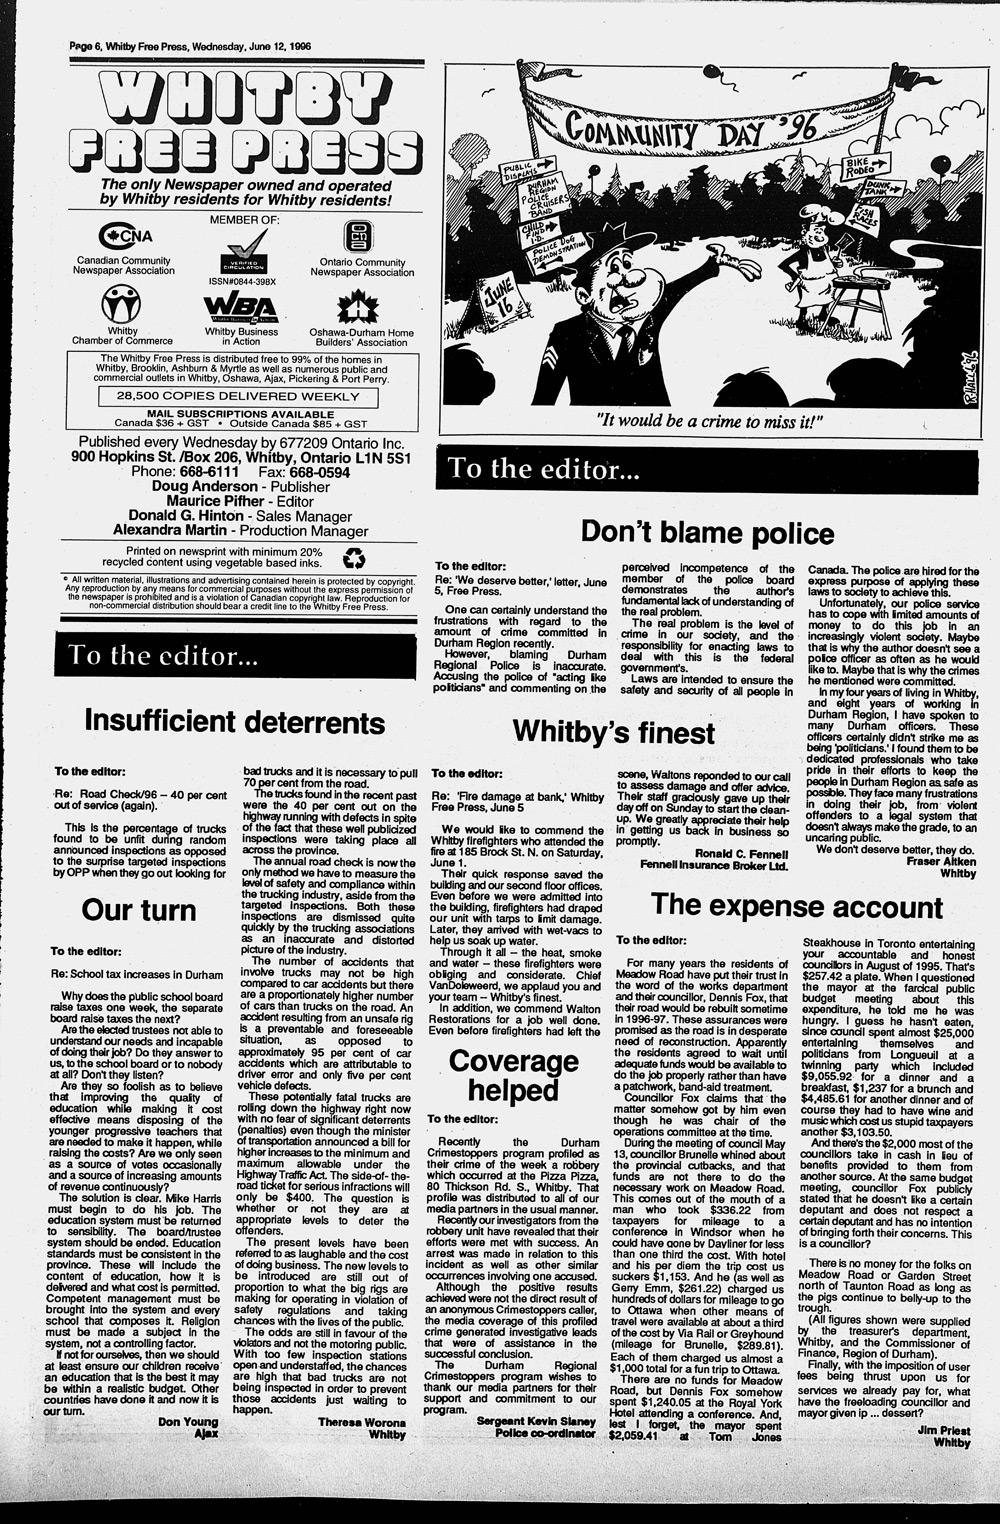 Whitby Free Press, 12 Jun 1996